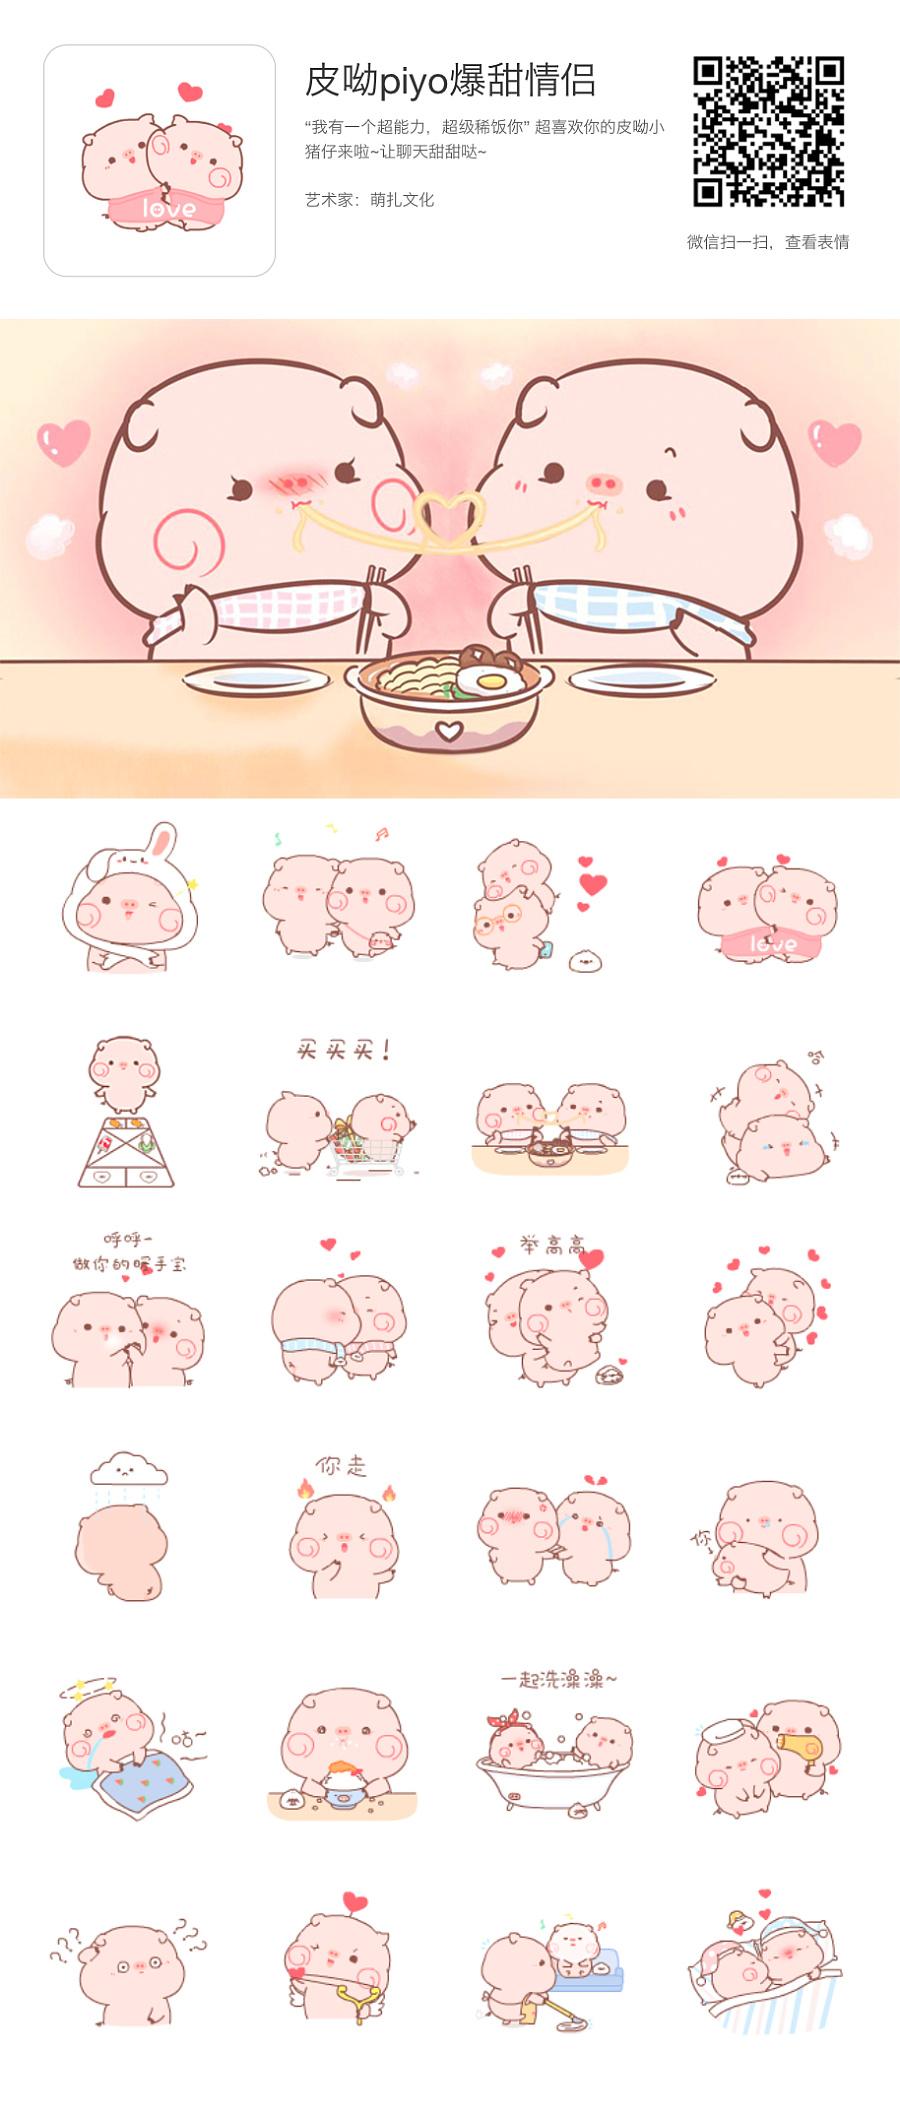 皮呦piyo情人节爆甜表情|?猪都有大全了美女男人包对象图片吃表情图片